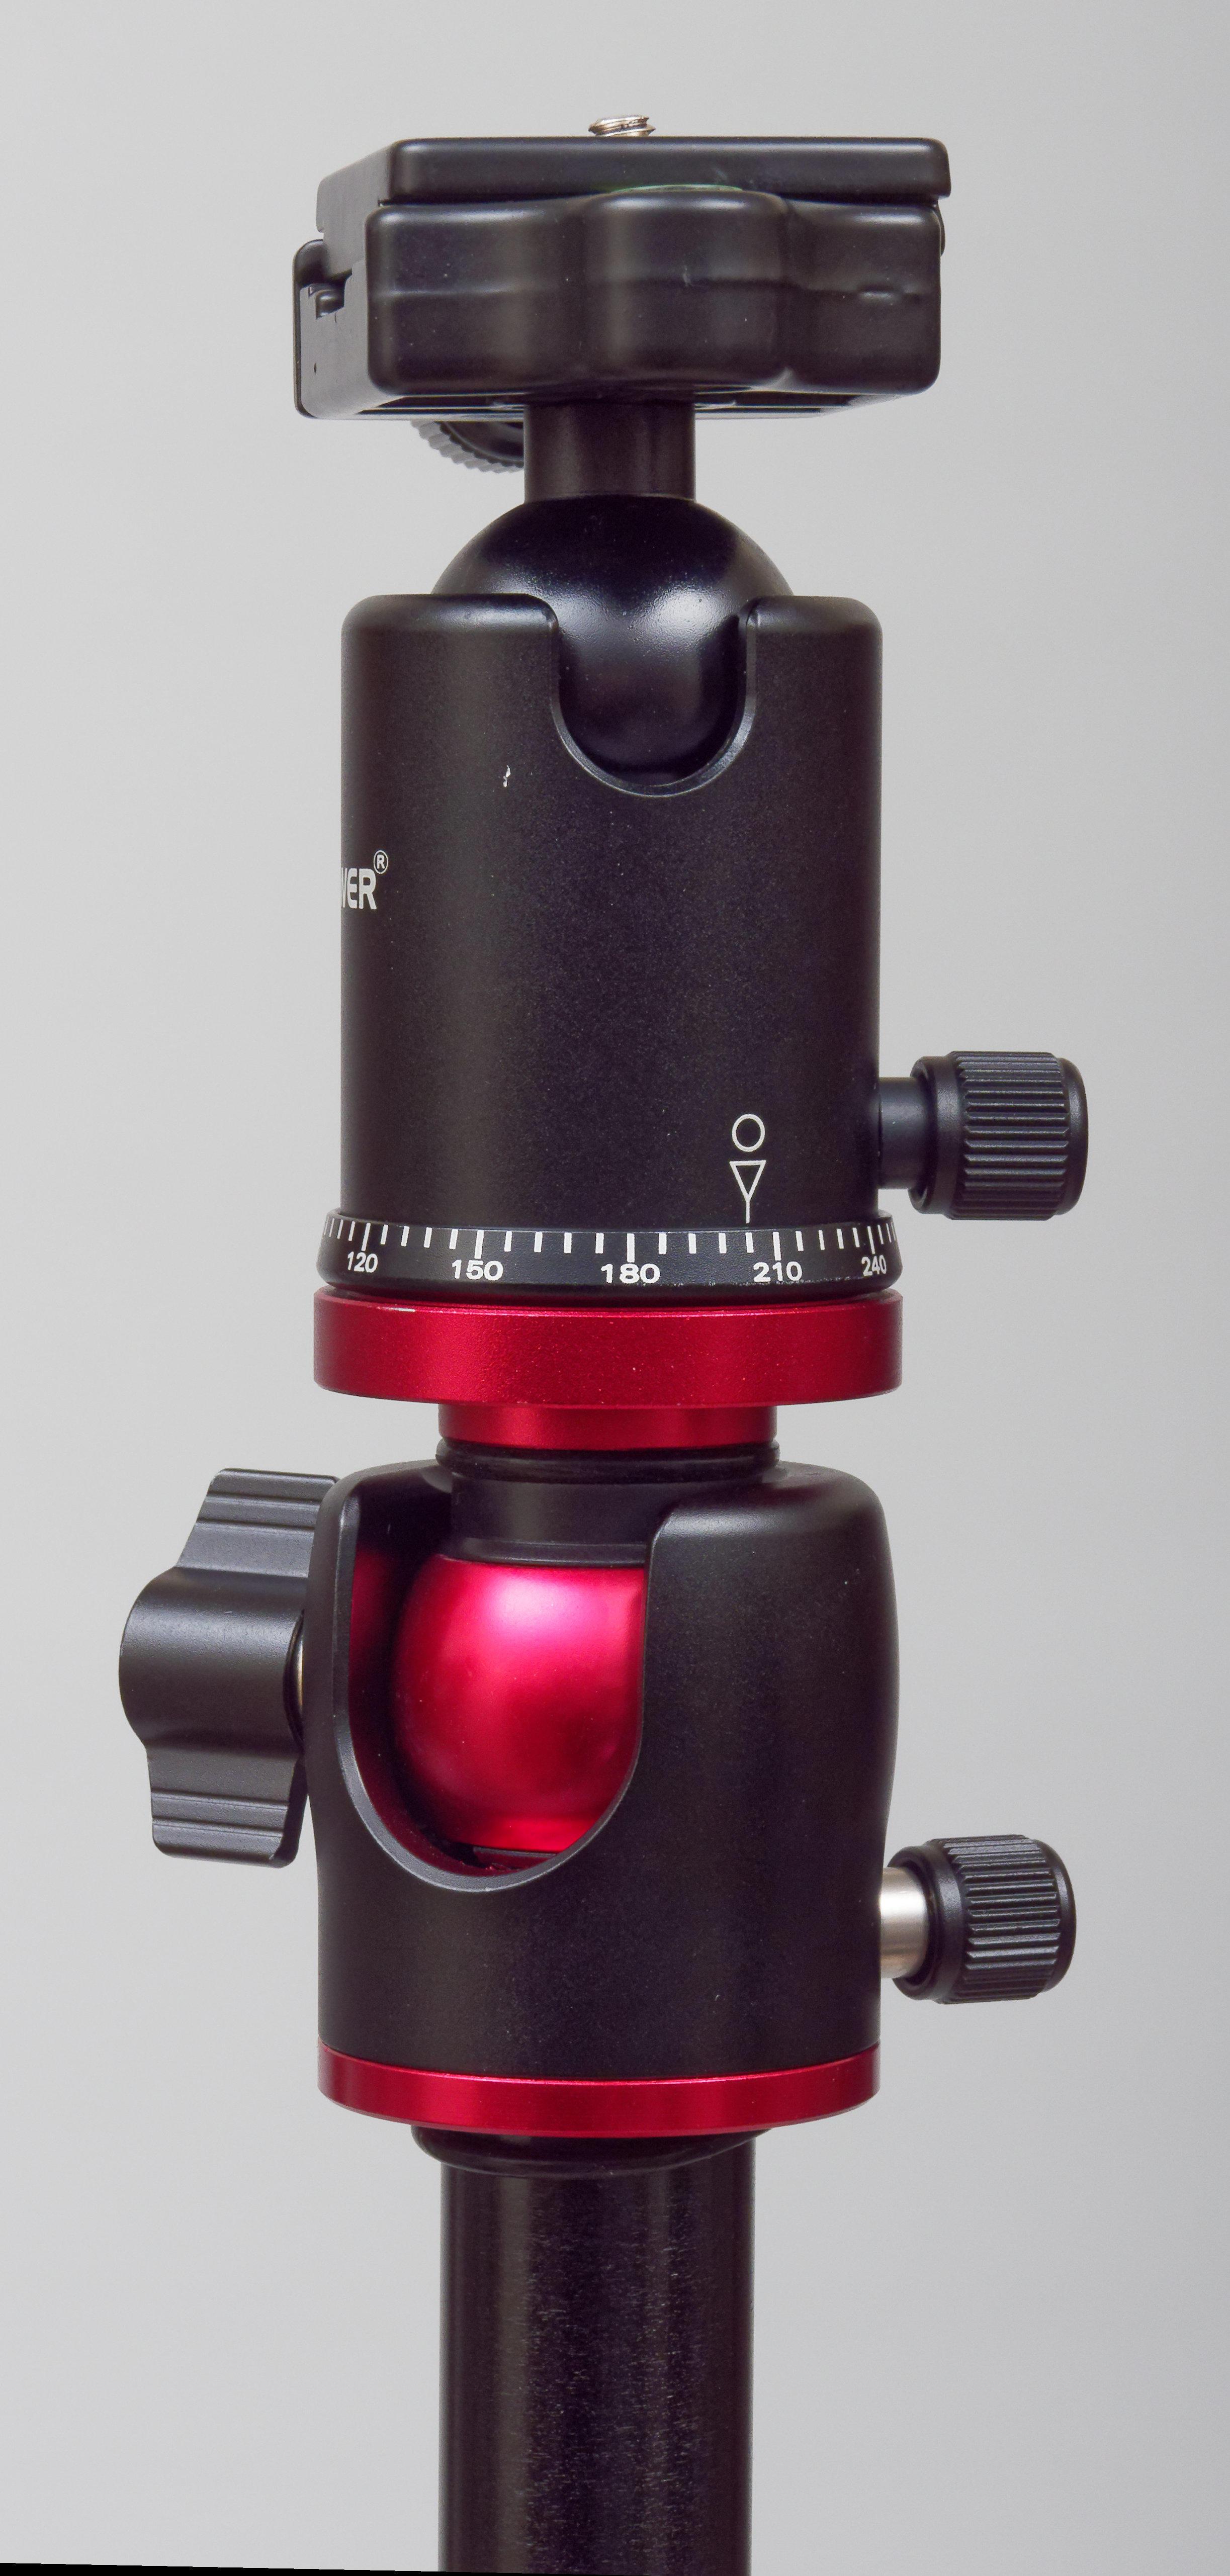 Neewer-tripod-1.jpeg